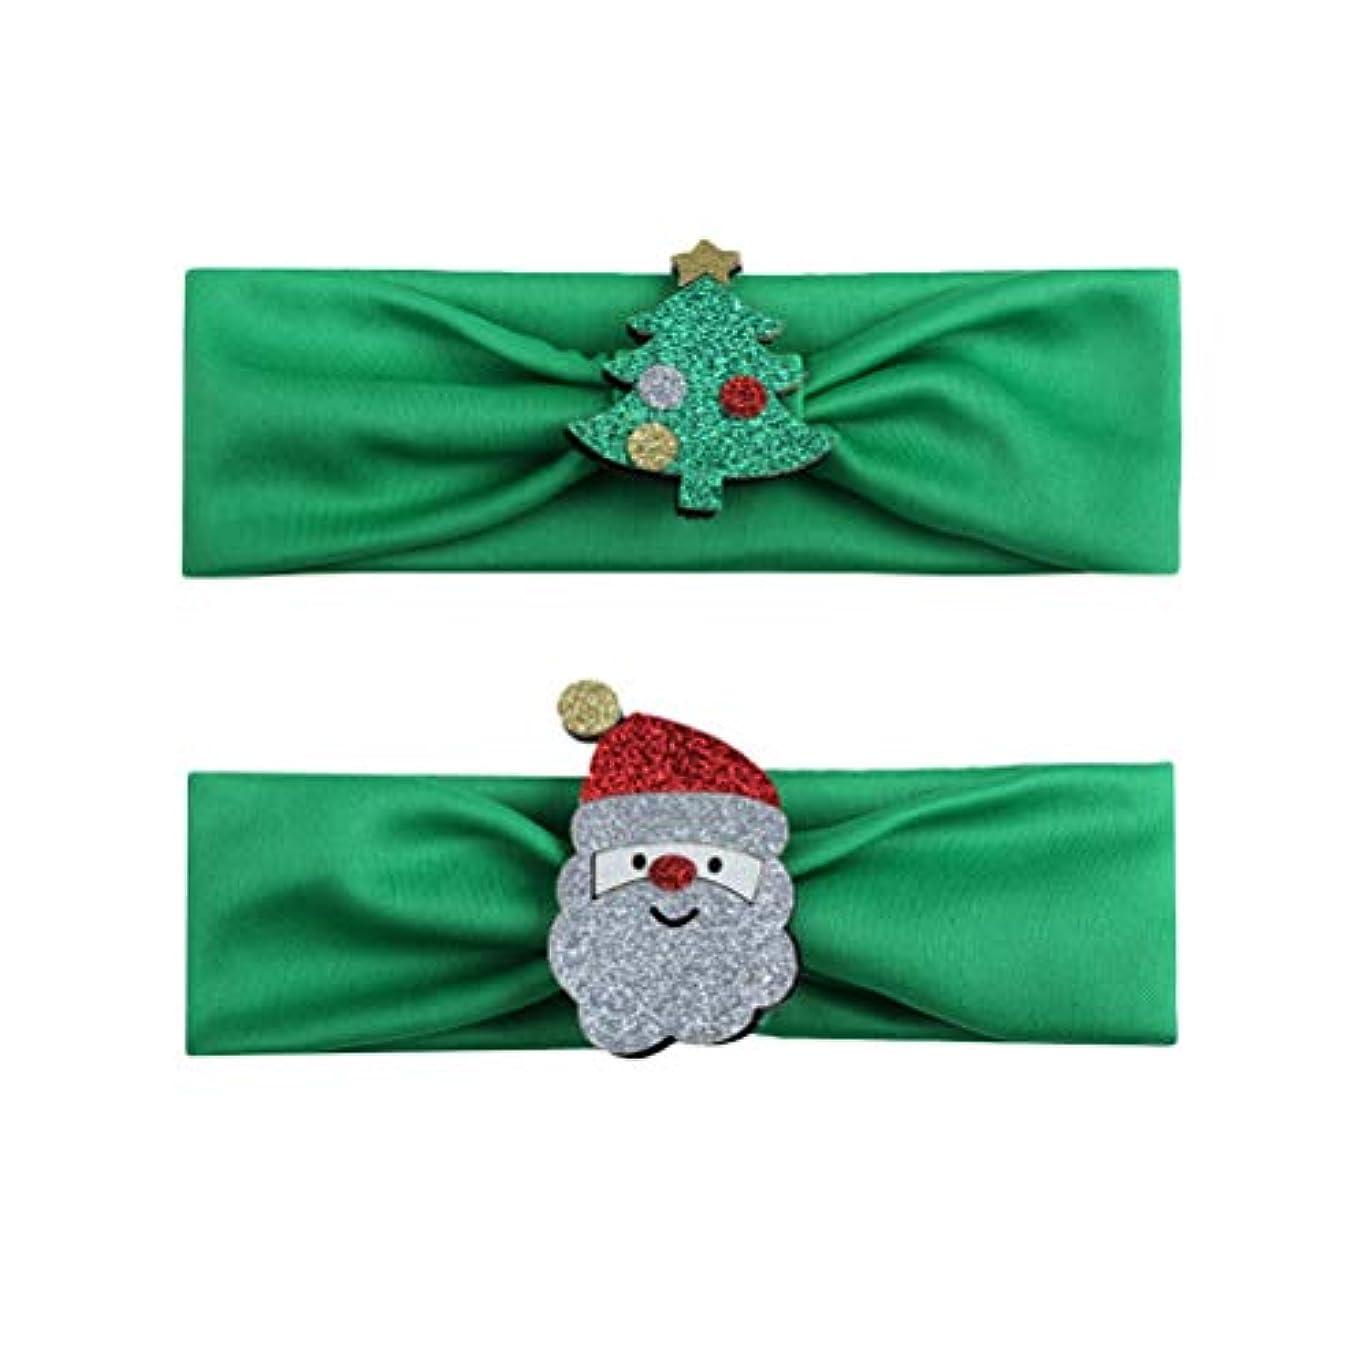 バインドクレデンシャルアリBESTOYARD 2本の赤ちゃんの少女クリスマスのヘッドバンド、クリスマスツリーサンタクロースの幼児ヘアバンドアクセサリー(グリーン)